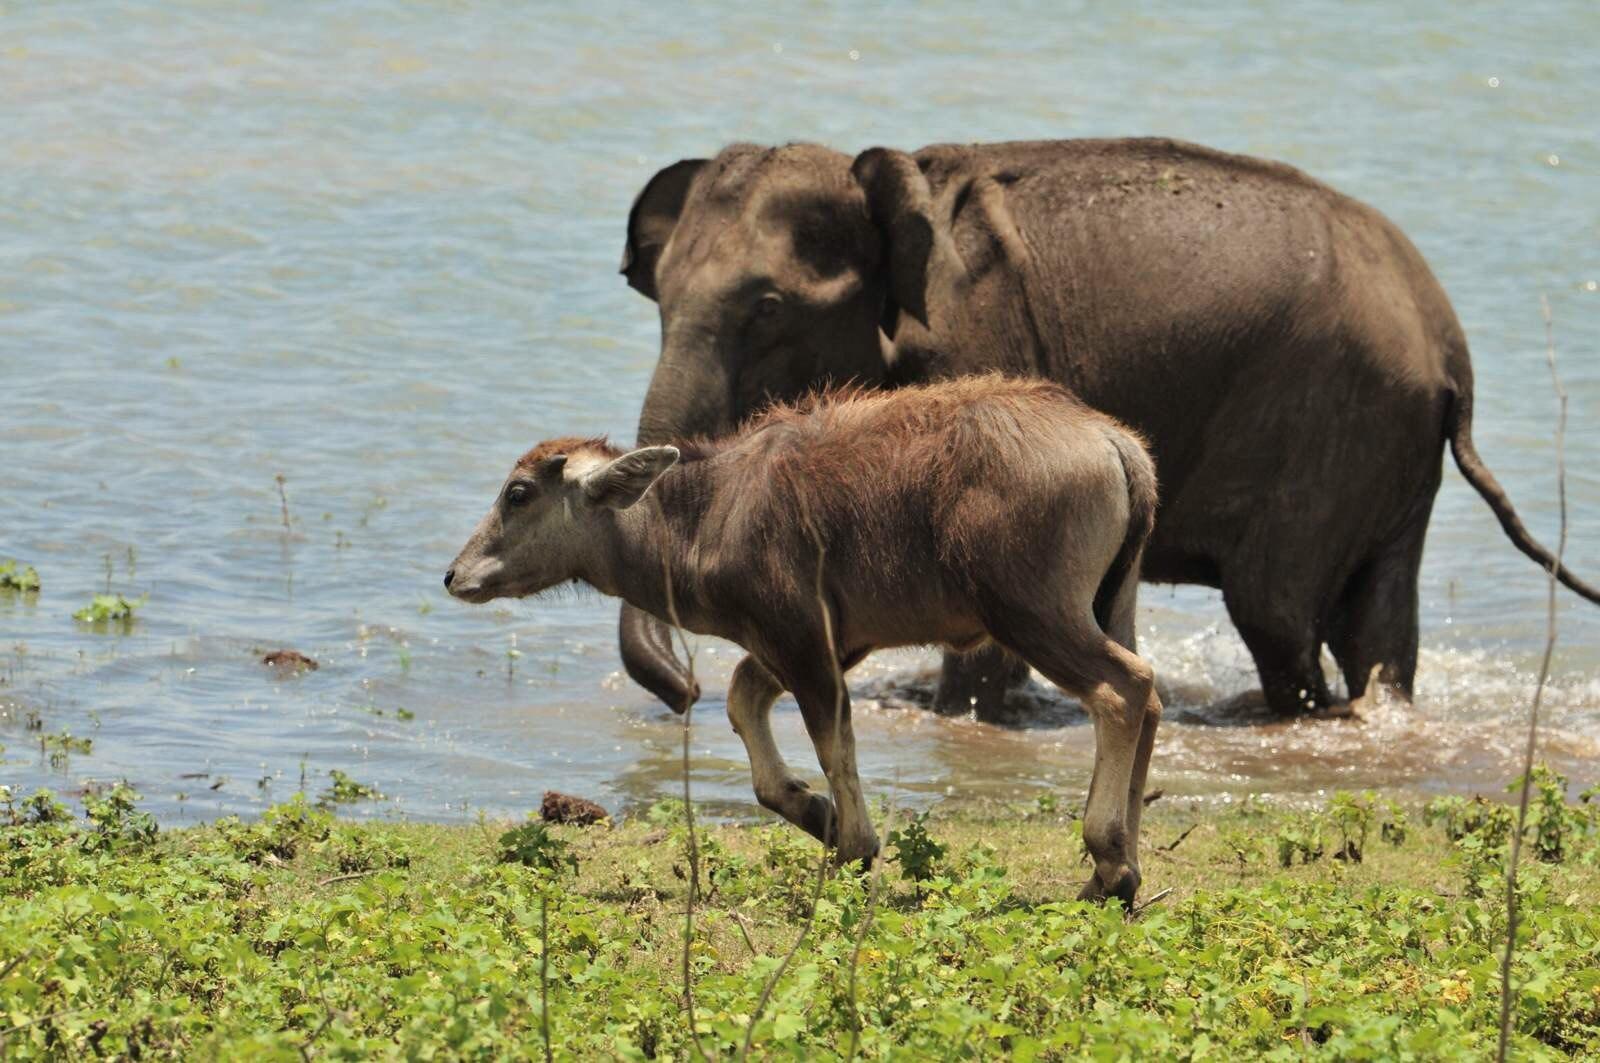 造访动物的天堂-佛教斯里兰卡